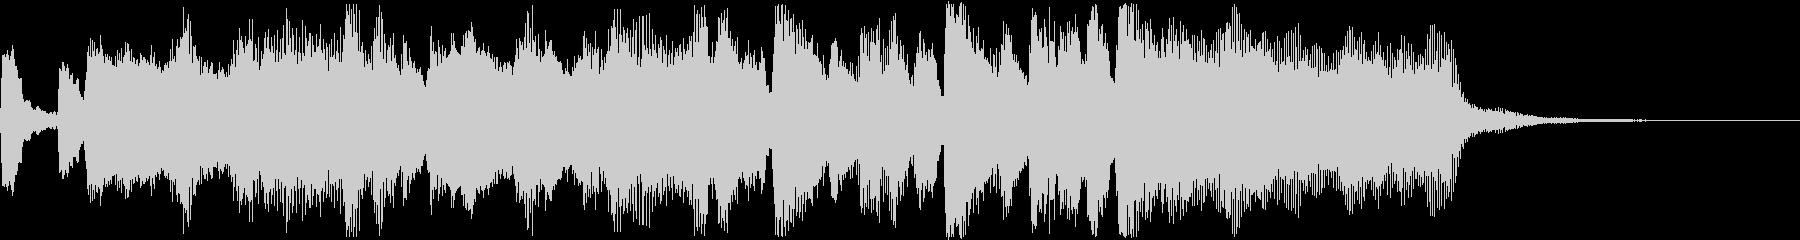 華やかなファンファーレ〜ゲームクリアなどの未再生の波形